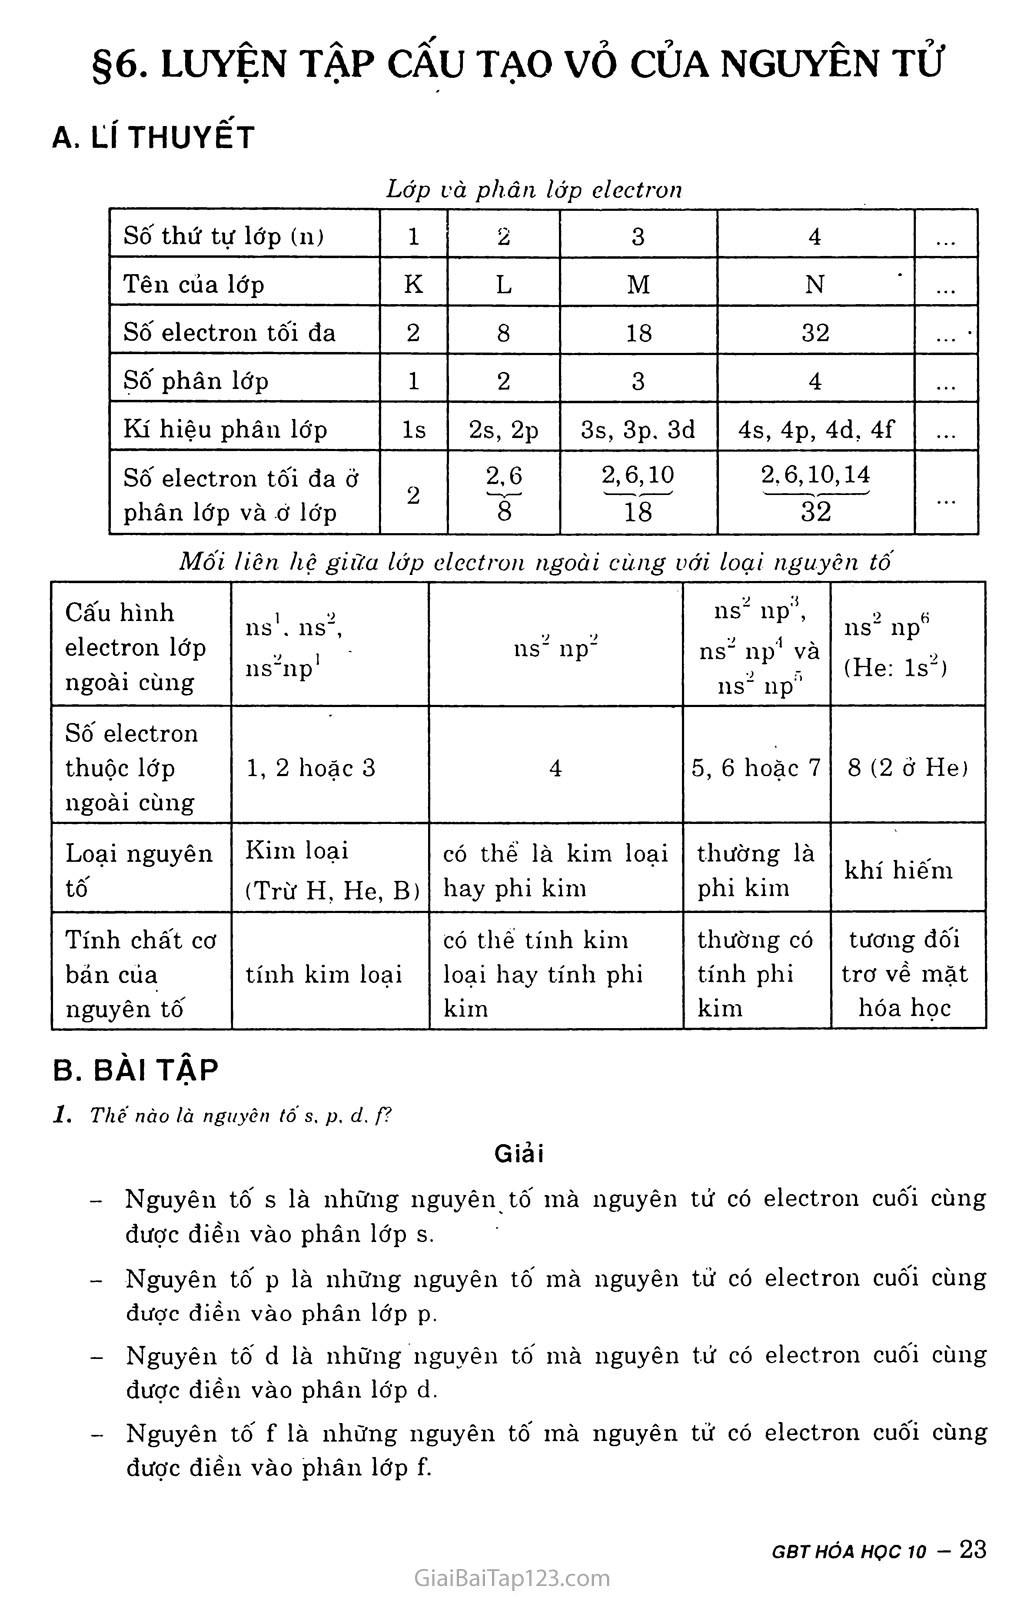 Bài 6: Luyện tập: Cấu tạo vỏ nguyên tử trang 1